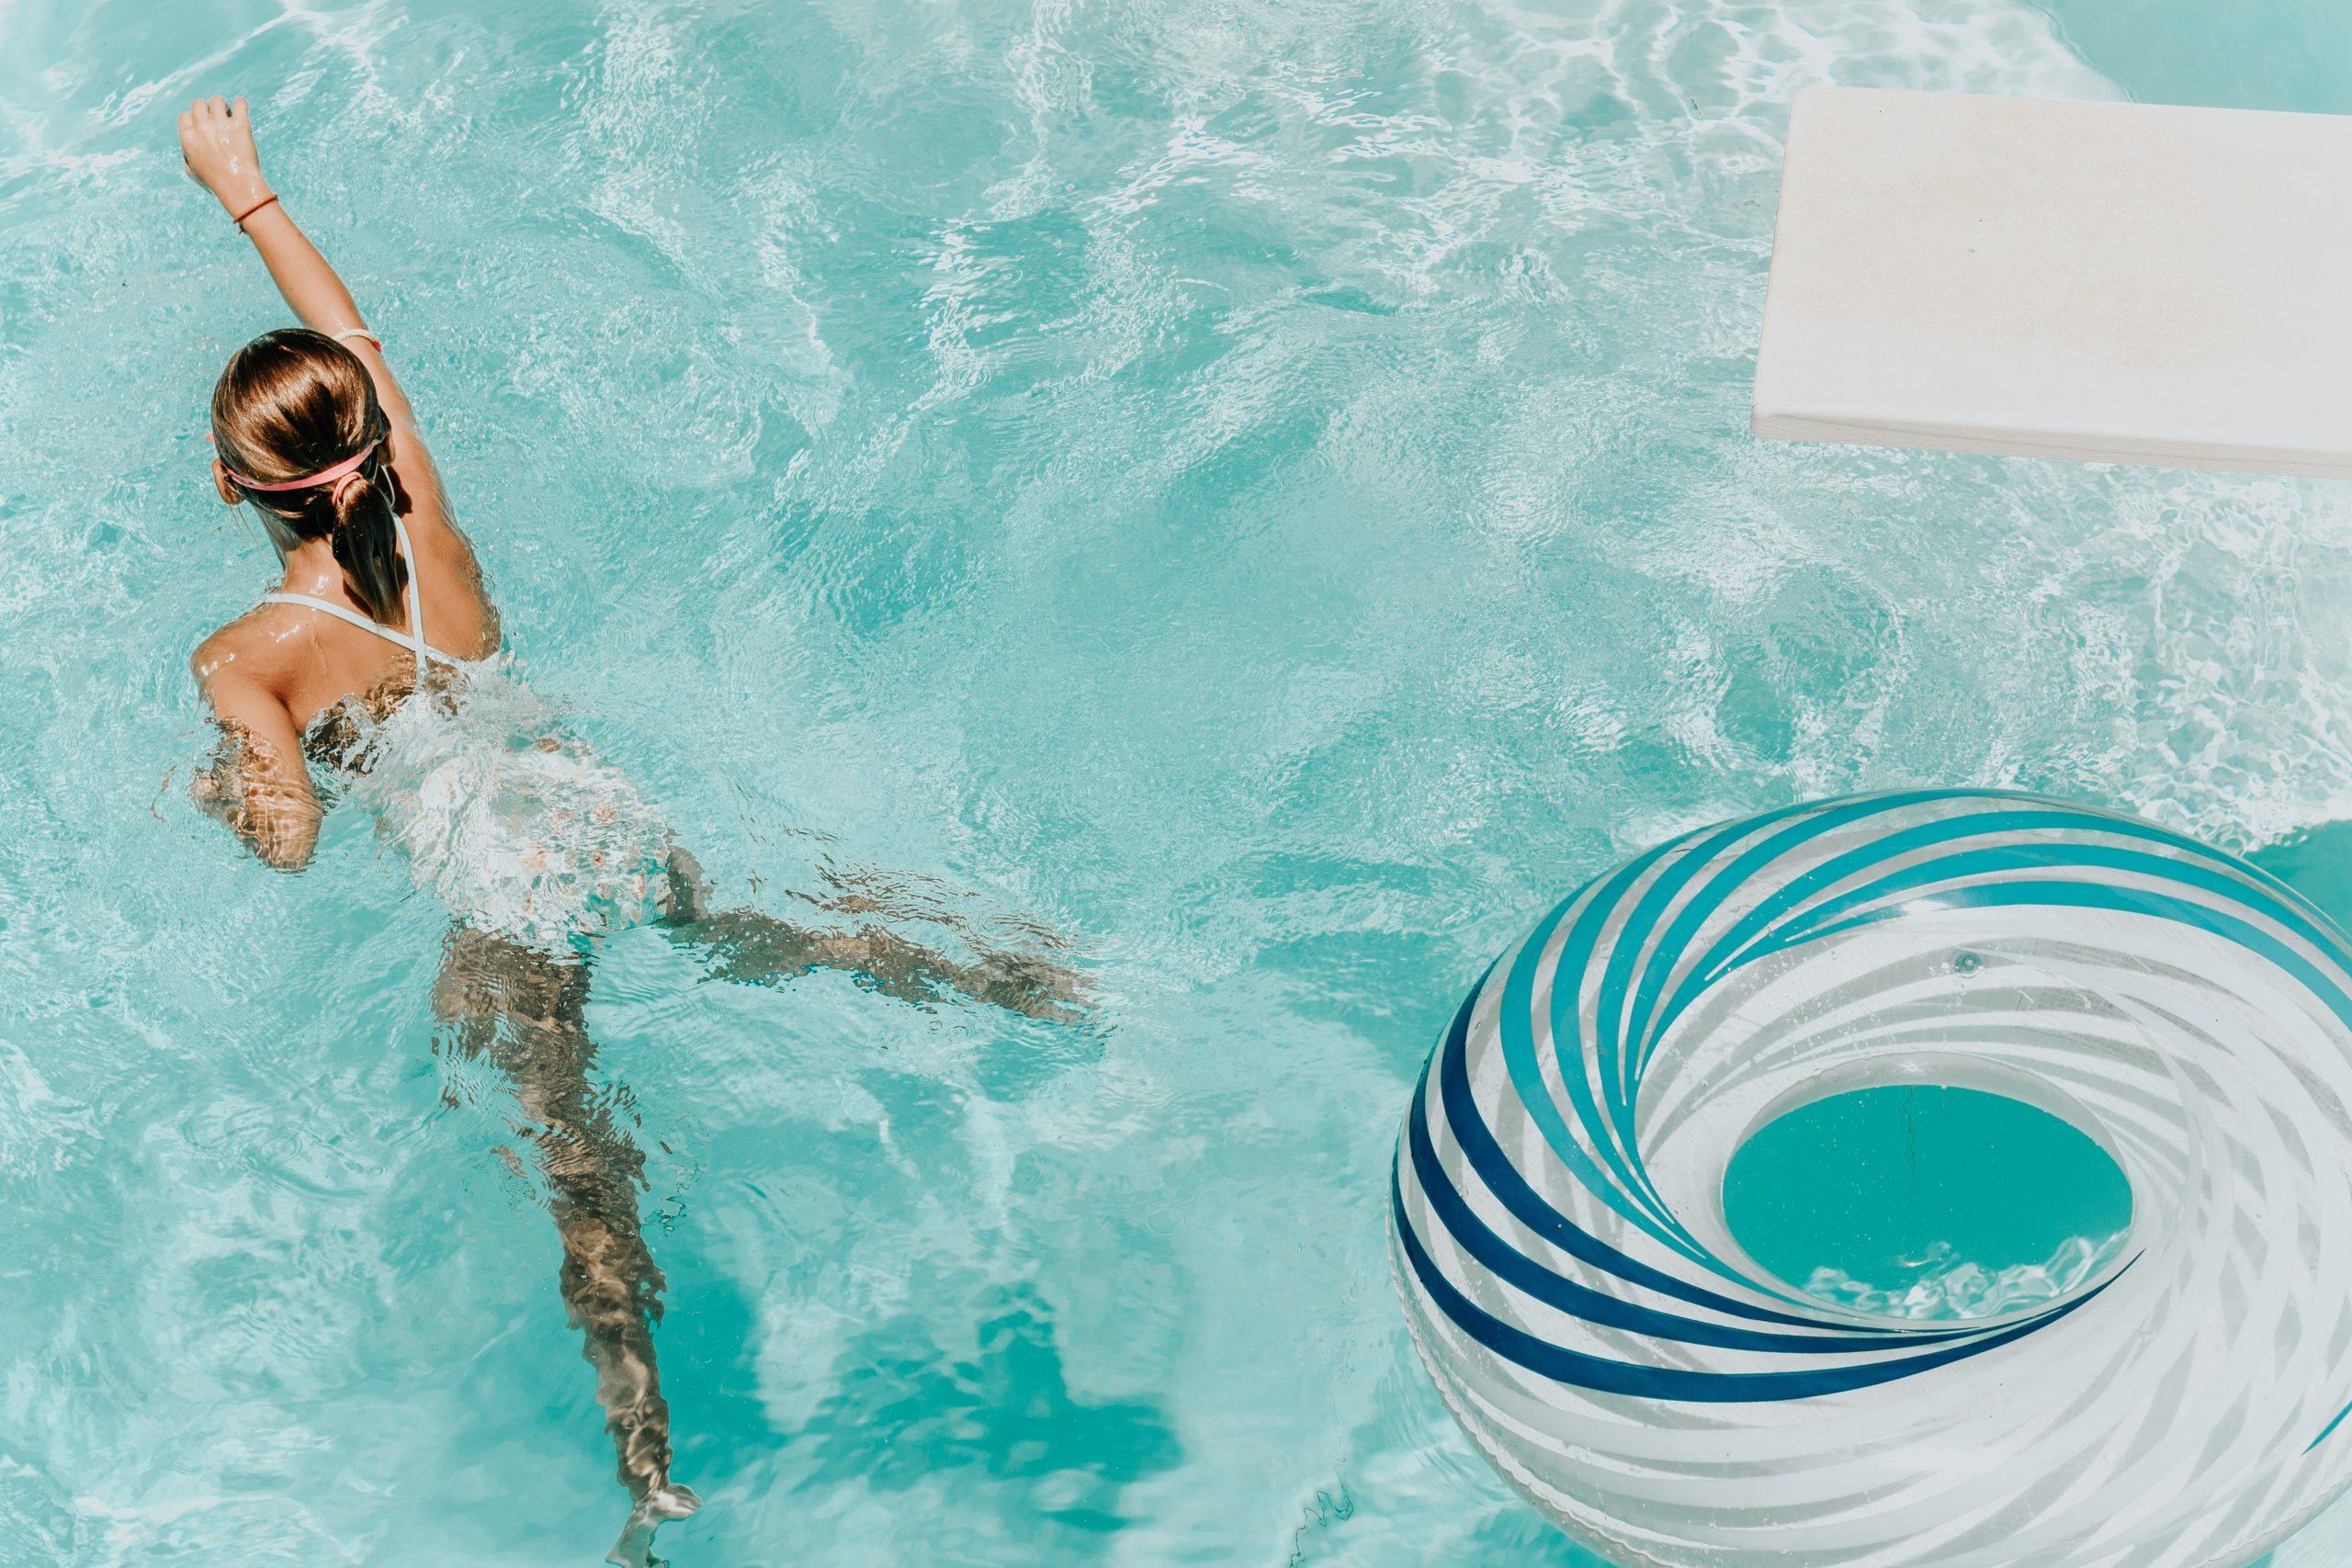 Photo d'une personne se baignant dans l'eau pour se rafraichir